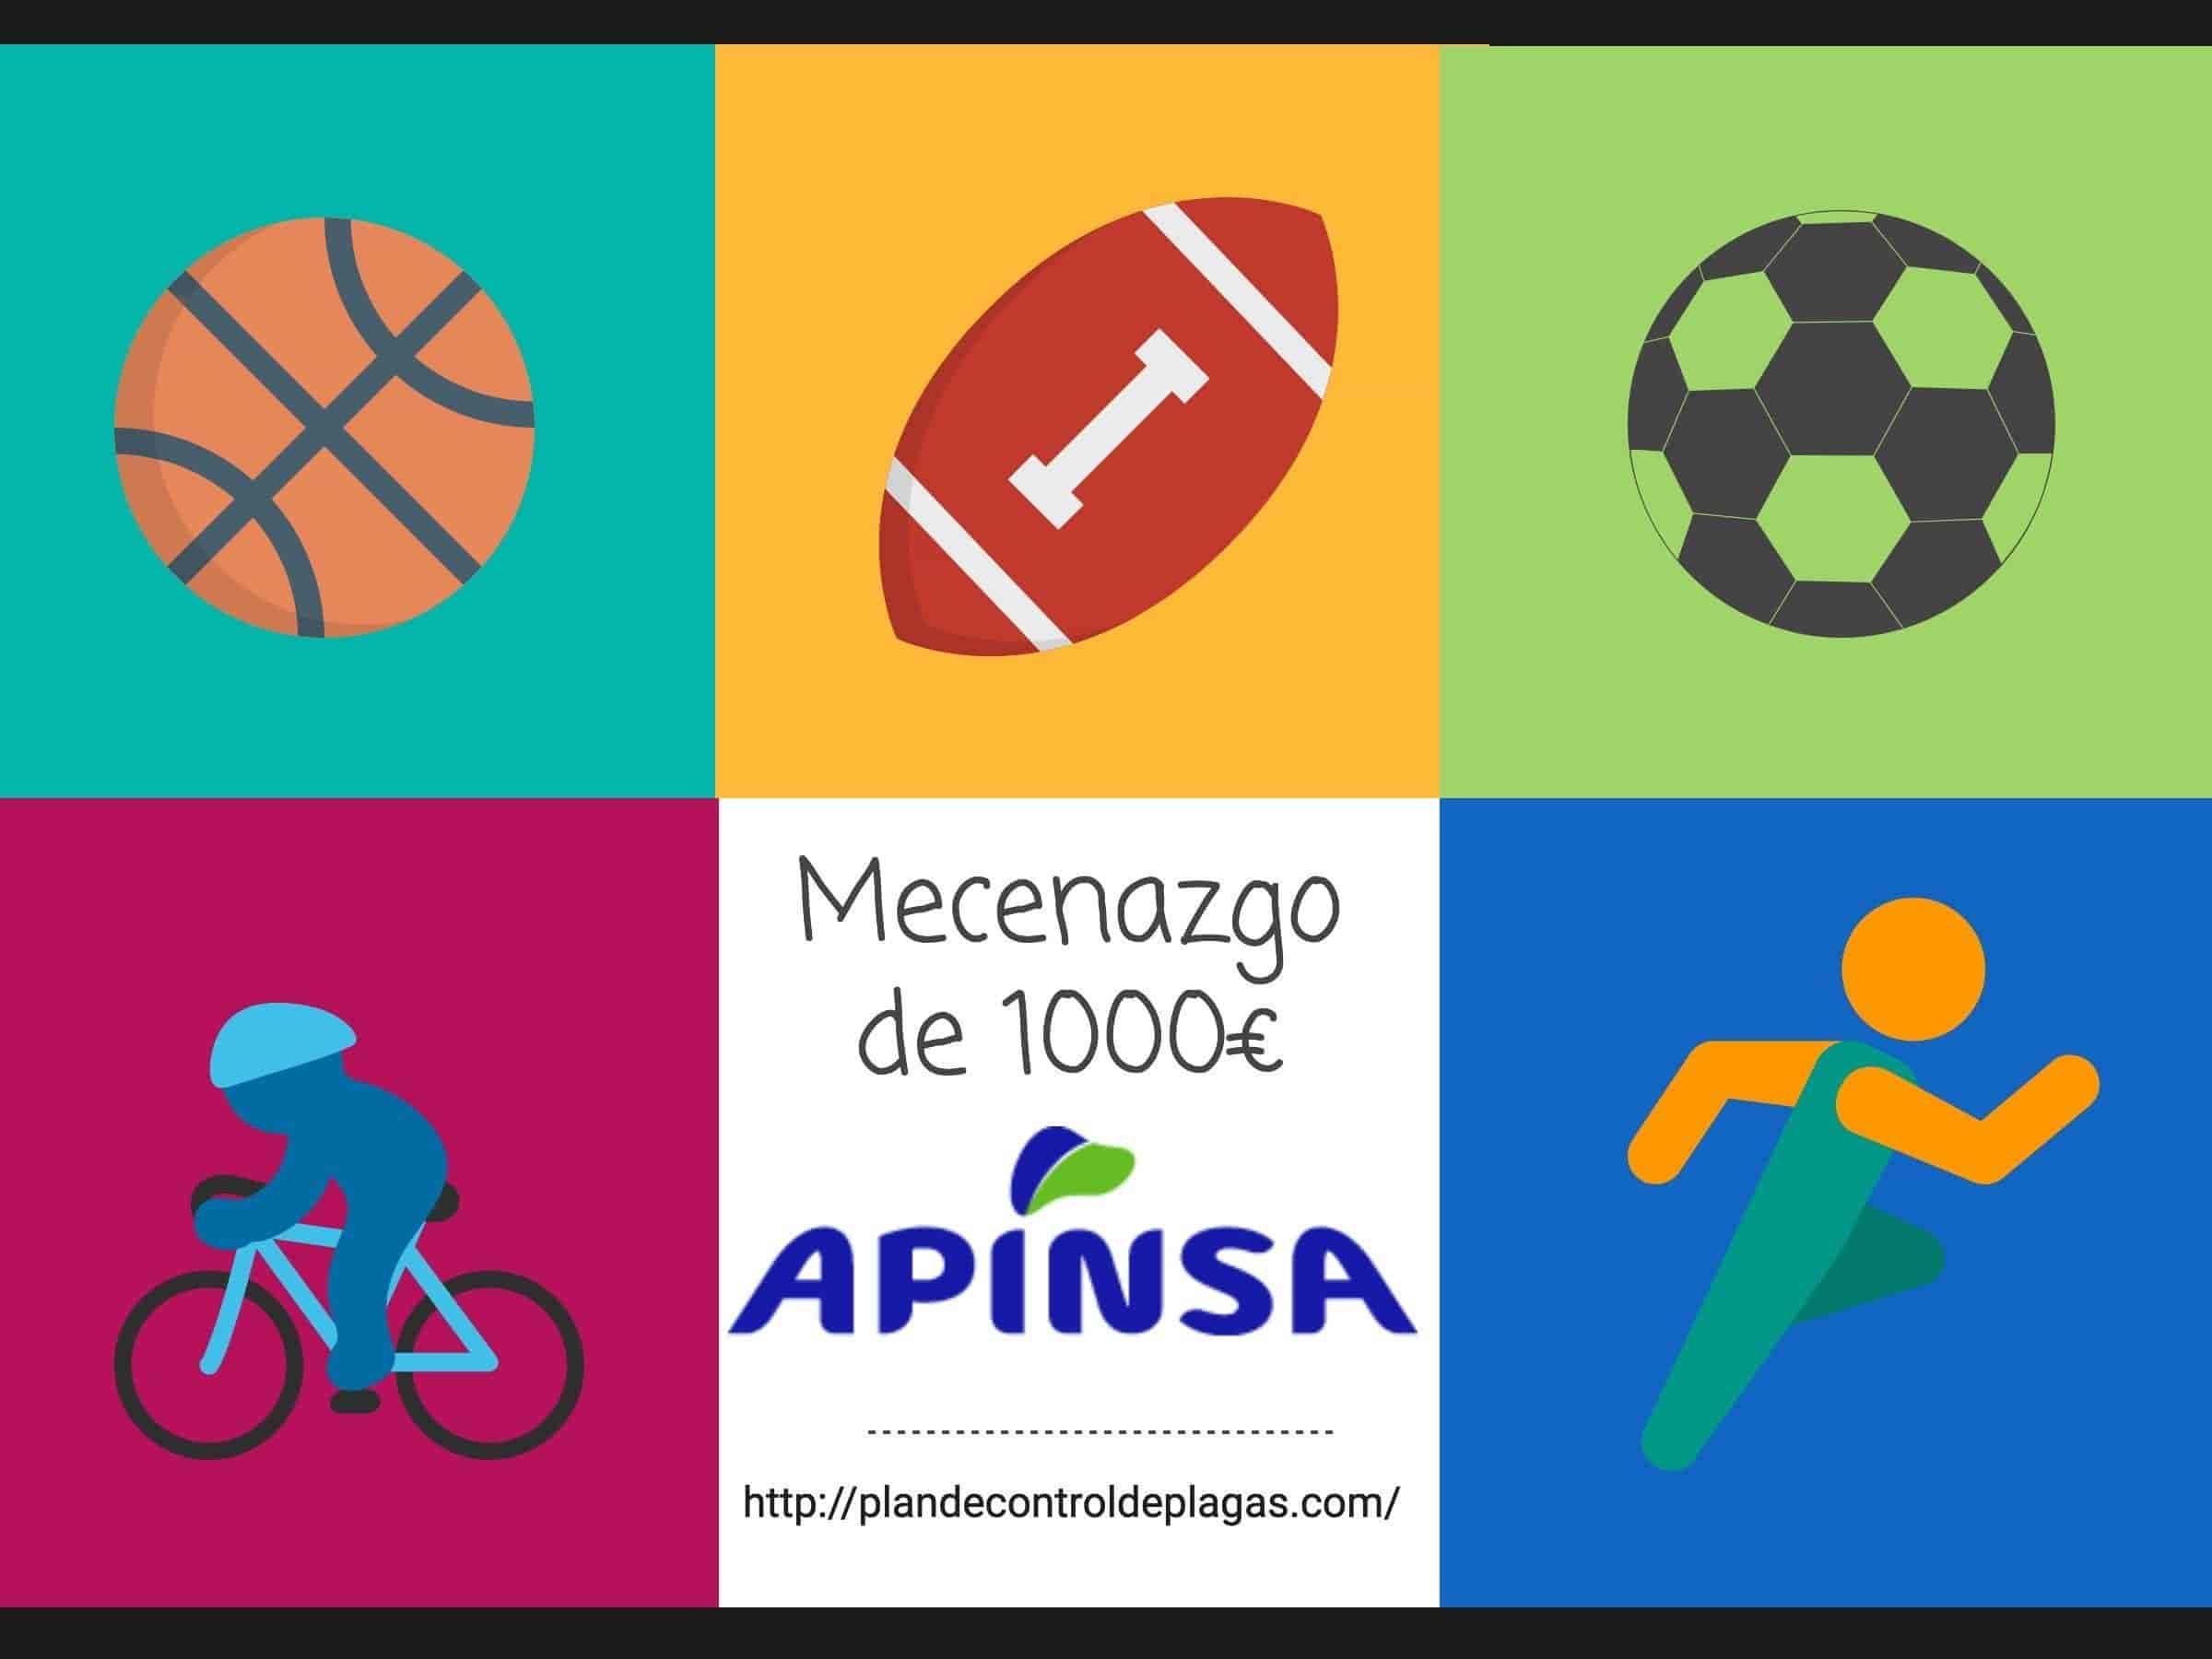 APINSA organiza mecenazgo para equipos de deporte base en Tenerife